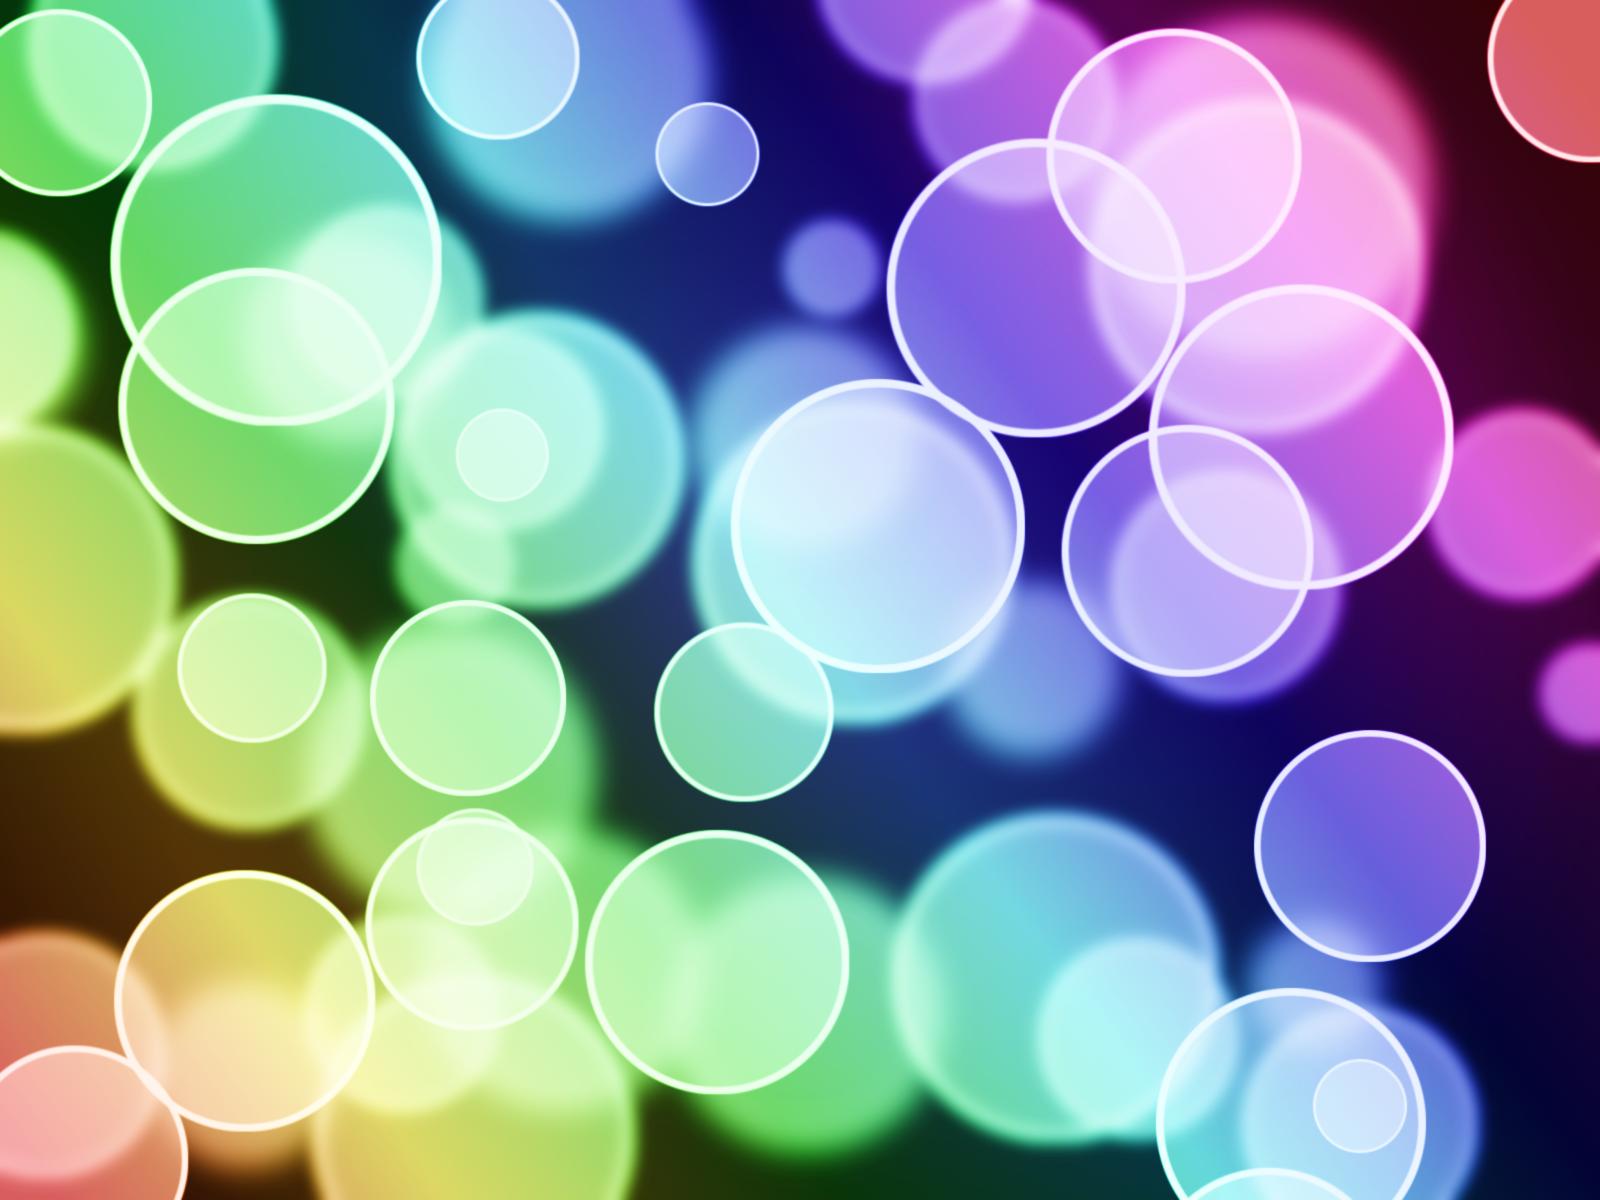 Rainbow Circles Wallpaper Circles Wallpaper Made by